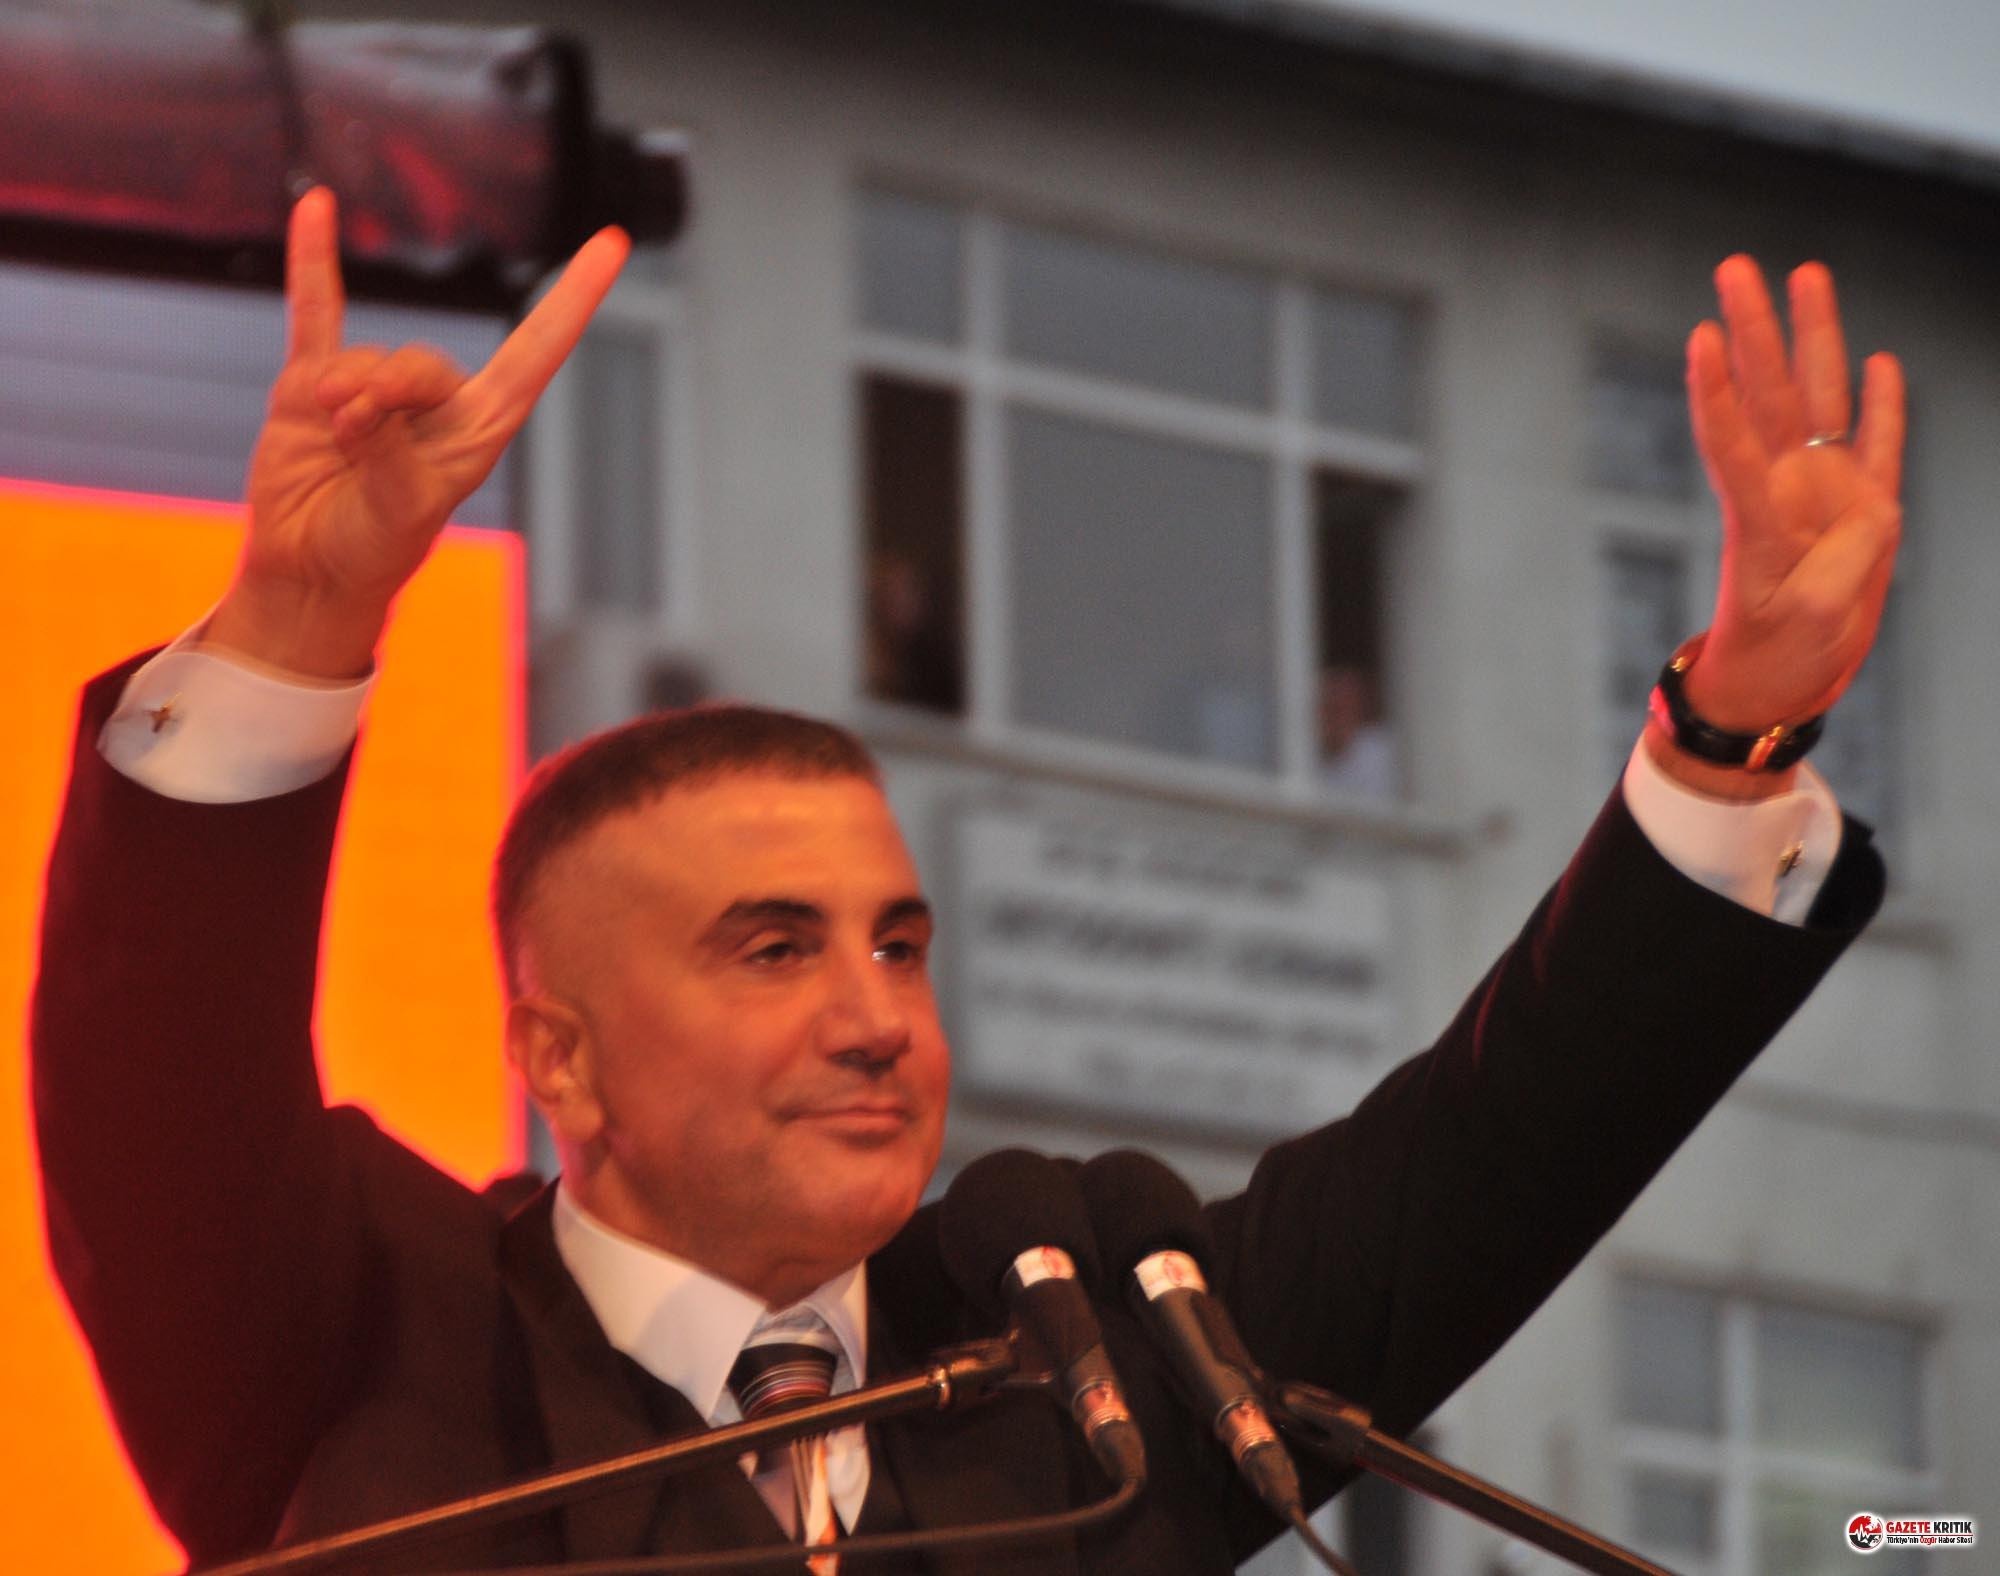 Sedat Peker aleyhine yapılan paylaşıma 'terör propagandası' davası